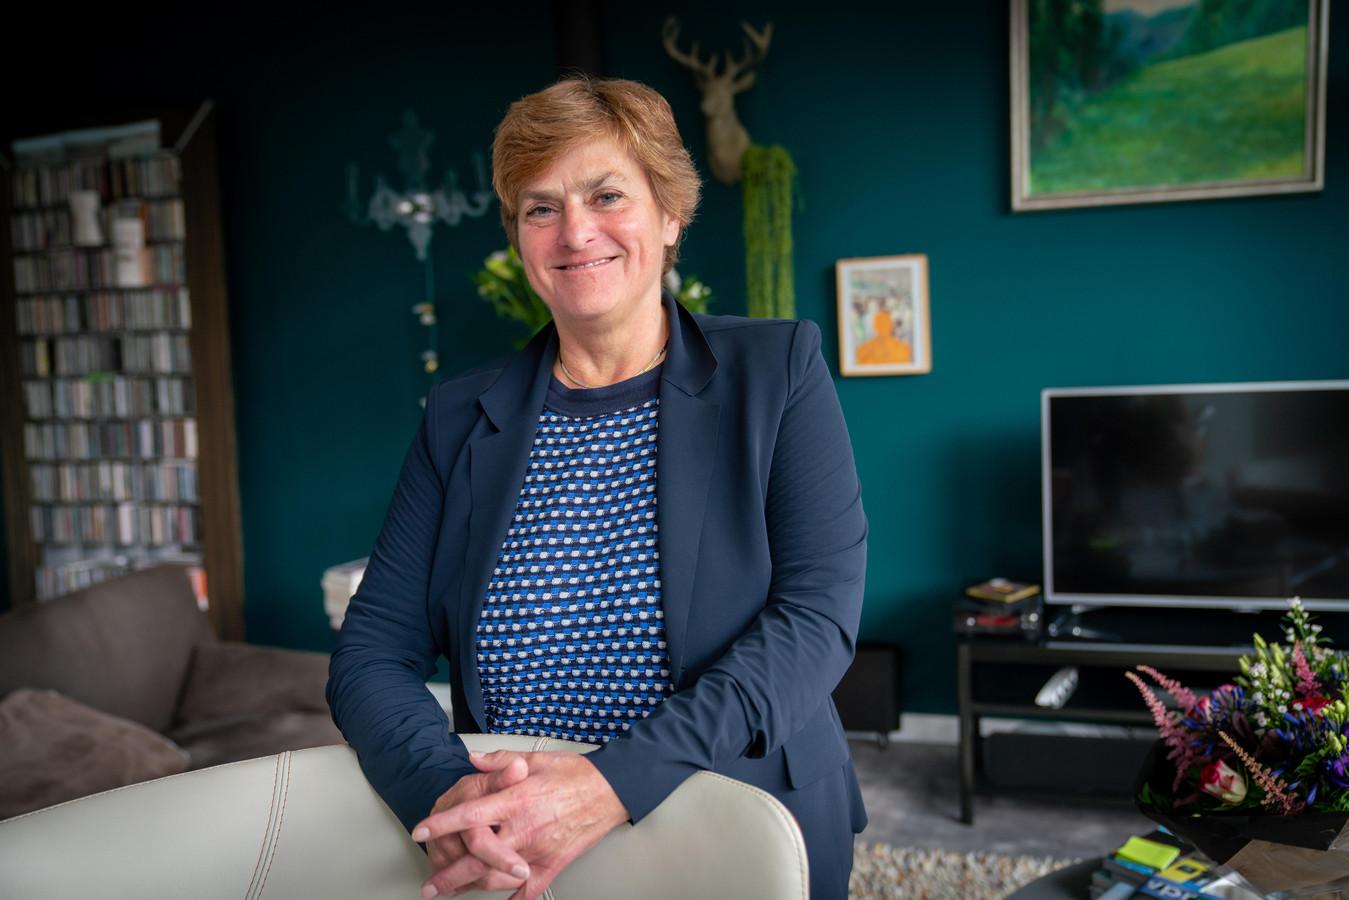 Nelly Kalfs wordt burgemeester van Lingewaard. 'De eerste die sinds Willem Helmich uit eigen gelederen komt.'